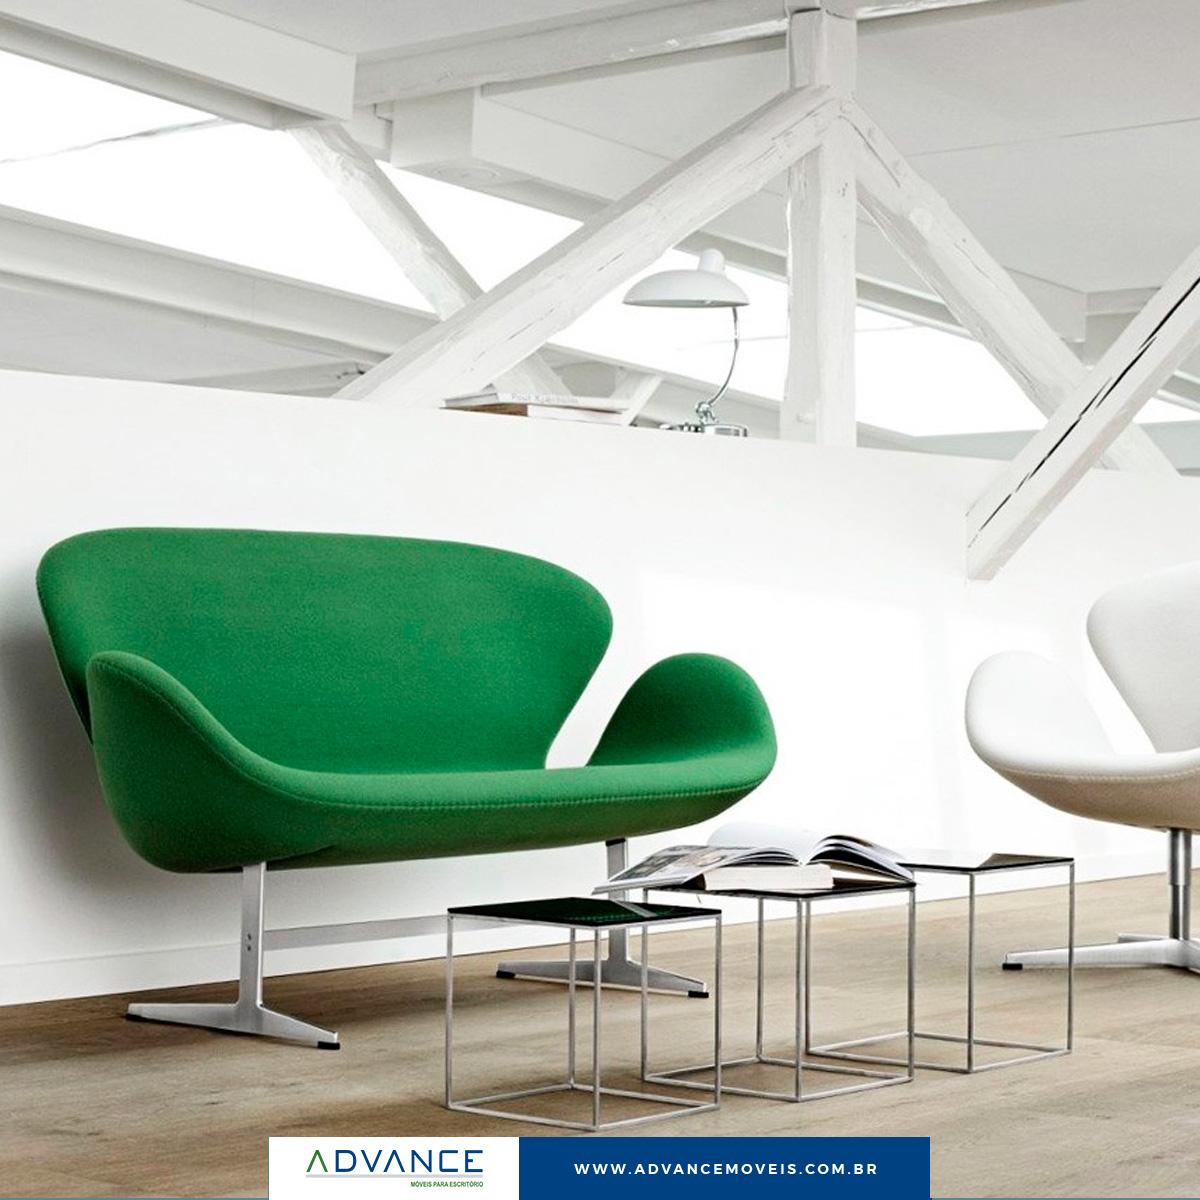 Você sabe qual é a melhor opção de poltrona para a recepção do seu escritório?